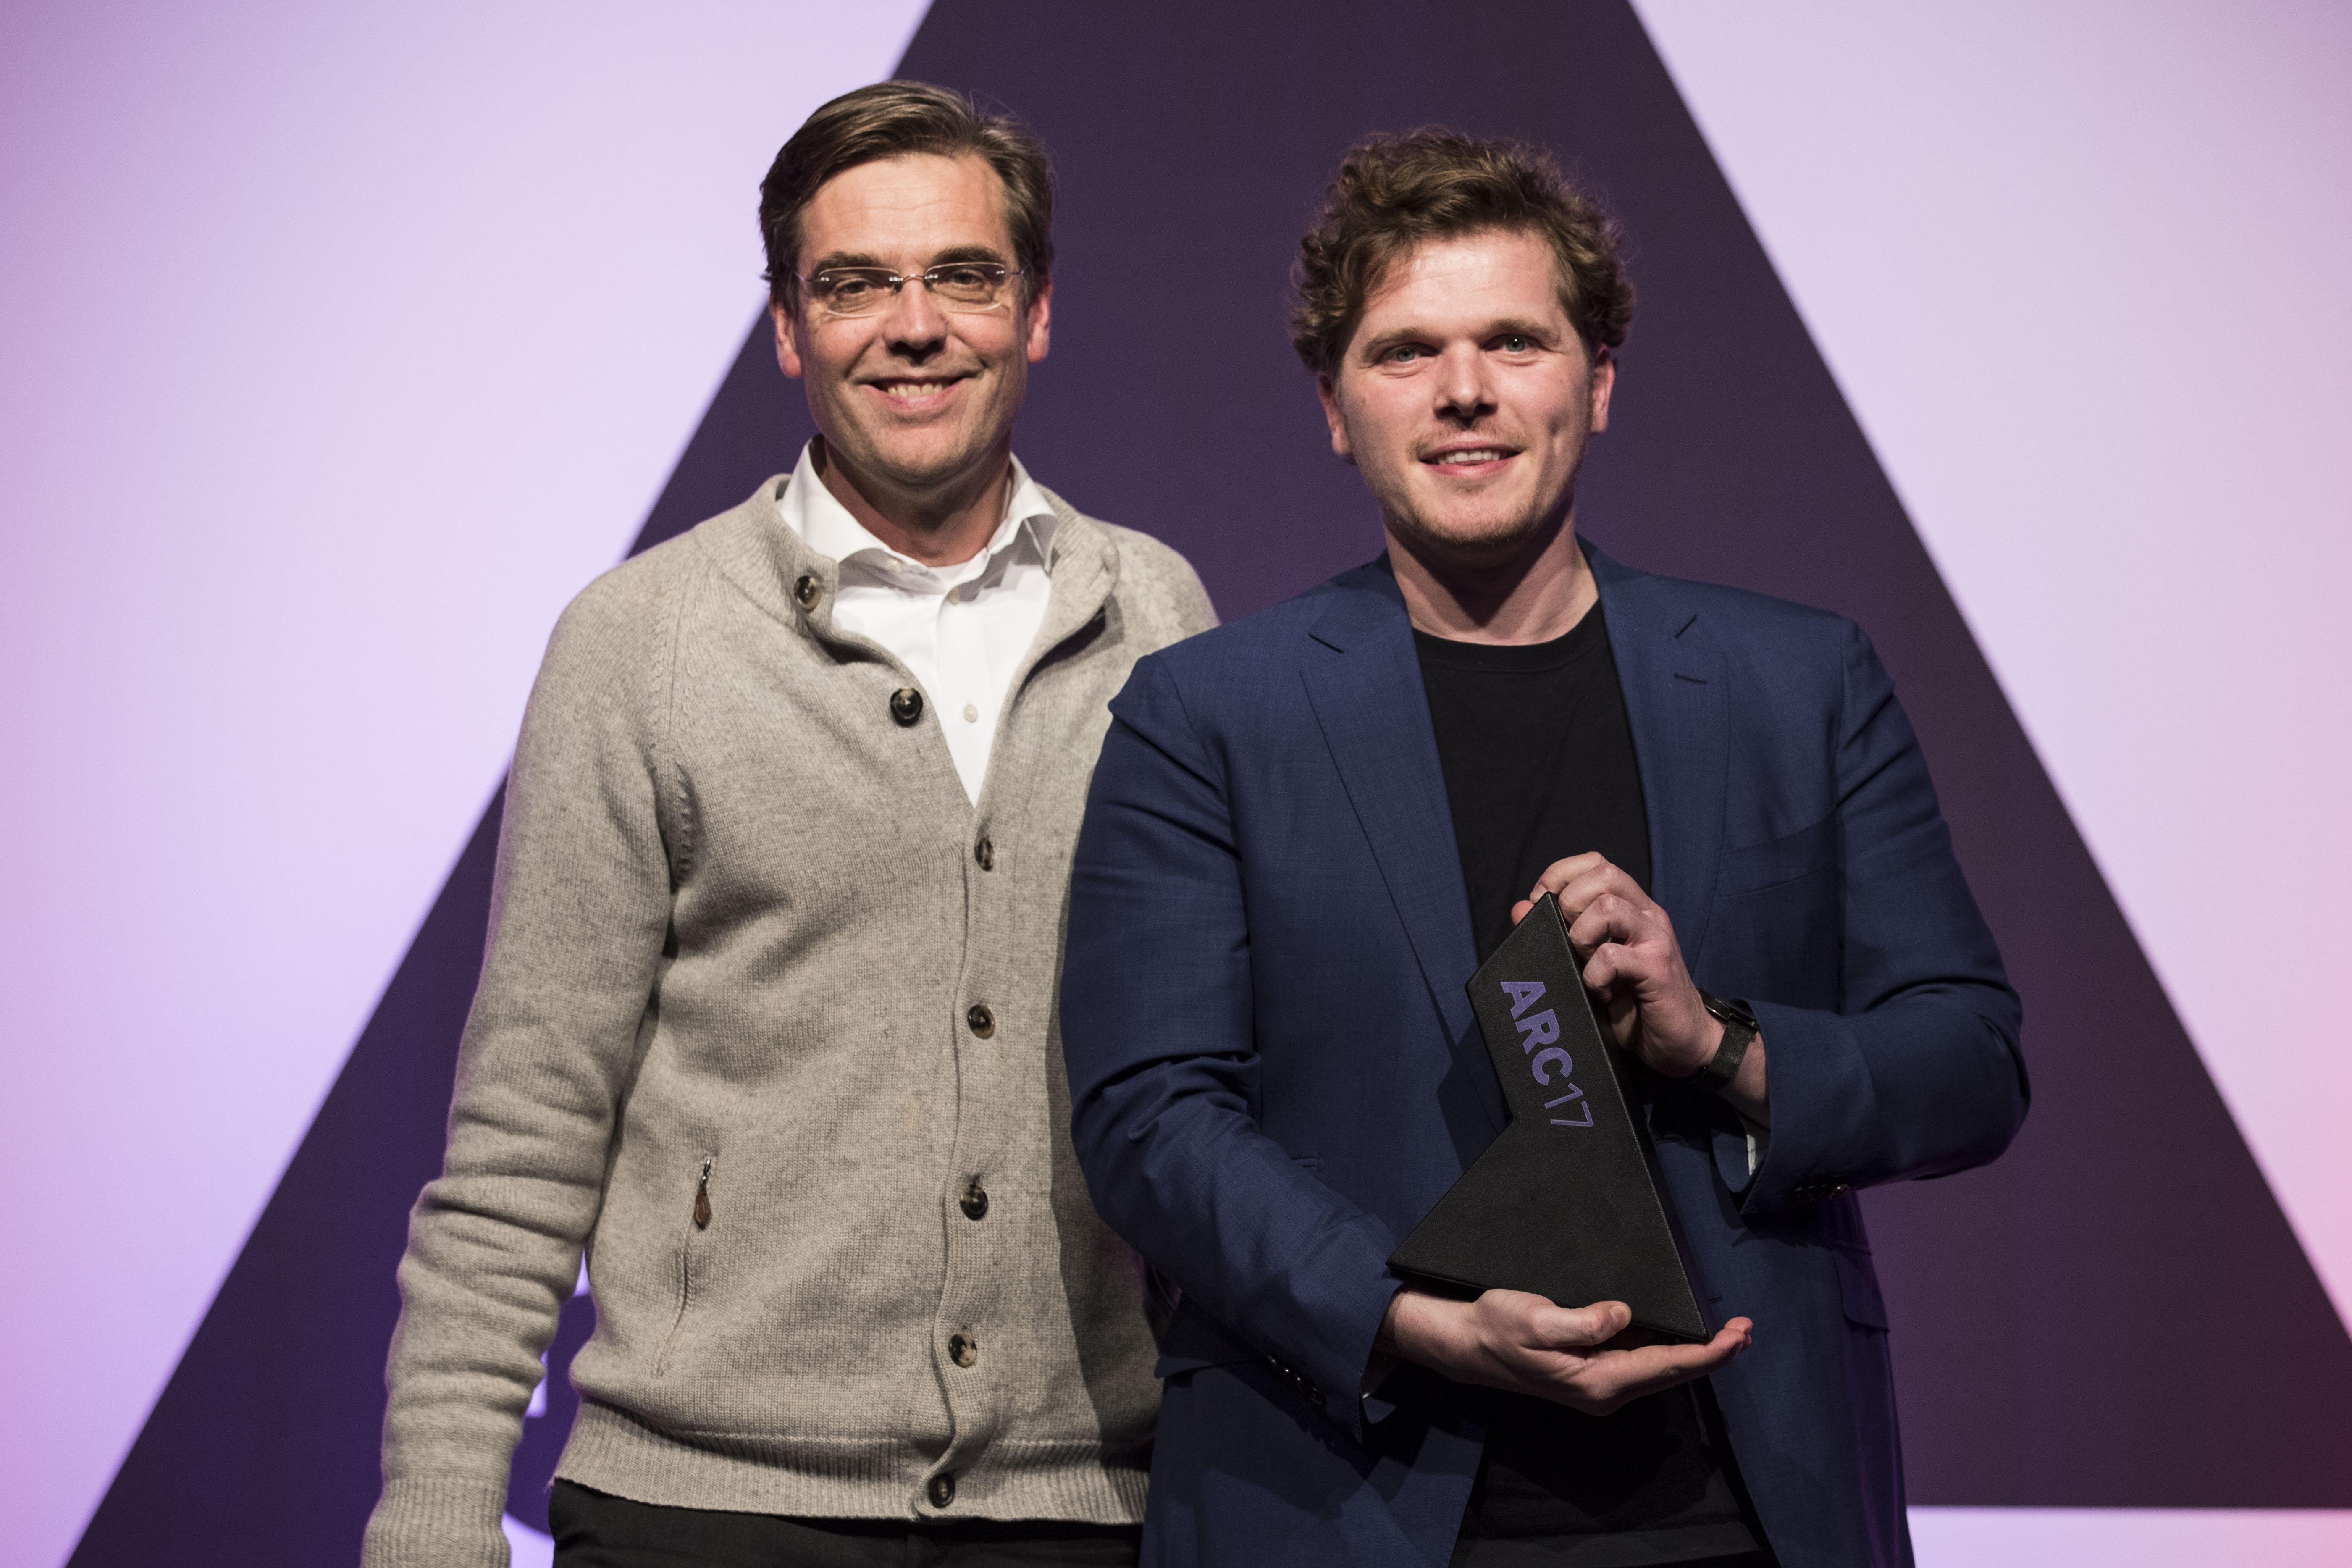 <p>Links Diederik Fokkema (juryvoorzitter ARC17 Meubel Award), rechts Arne Lijbers van Mecanoo krijgt de prijs voor de HUBB. Foto: Elvins Fotografie</p>